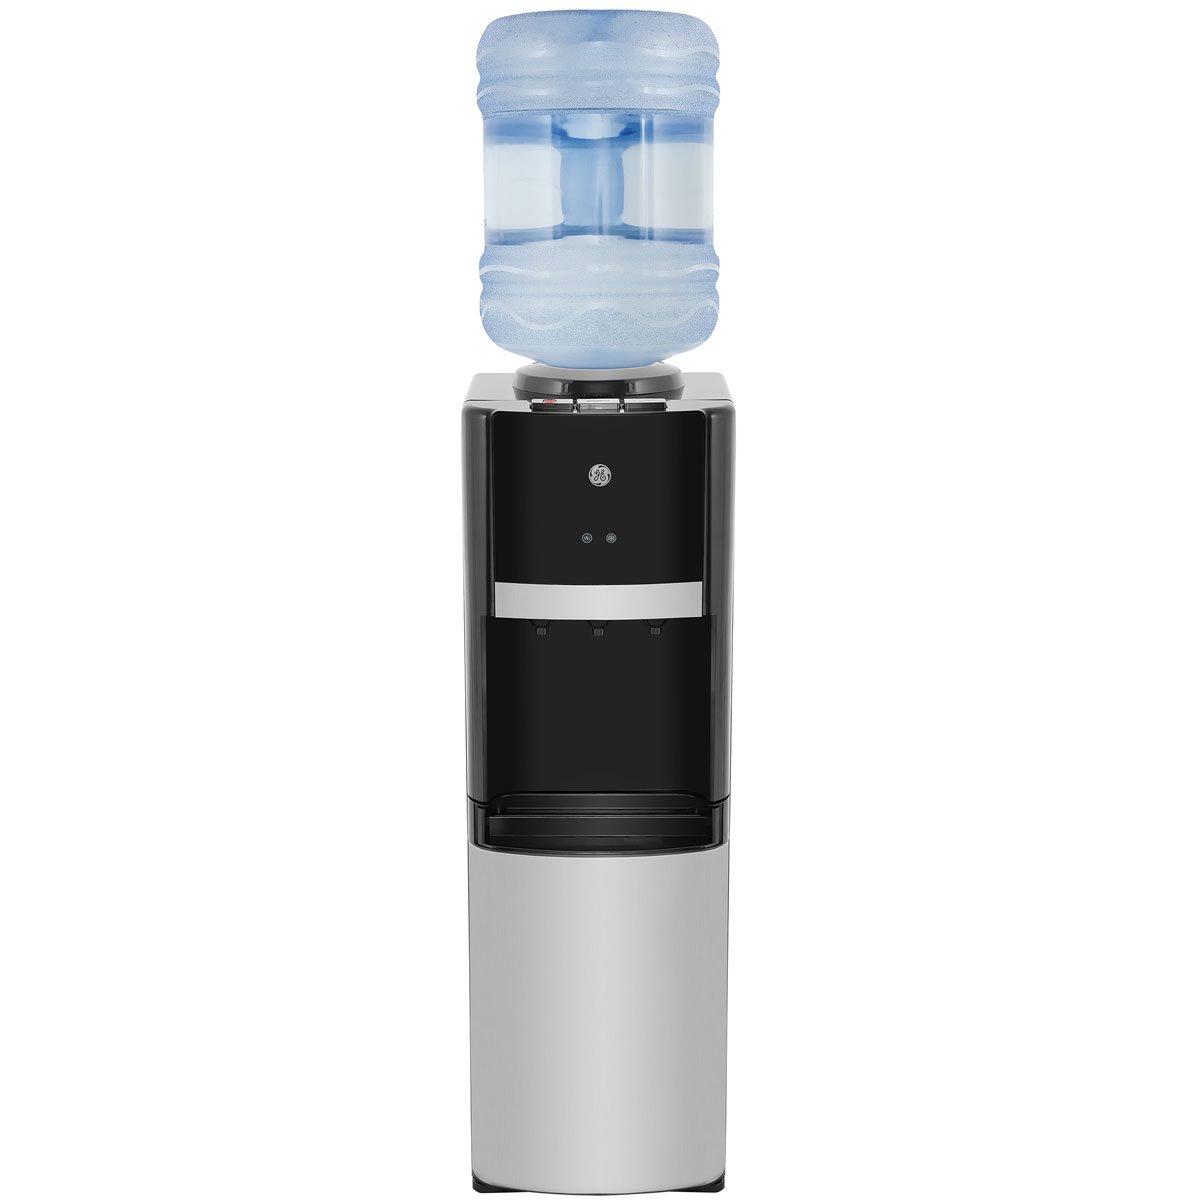 Dispensador de agua gxcfs7ccss general electric